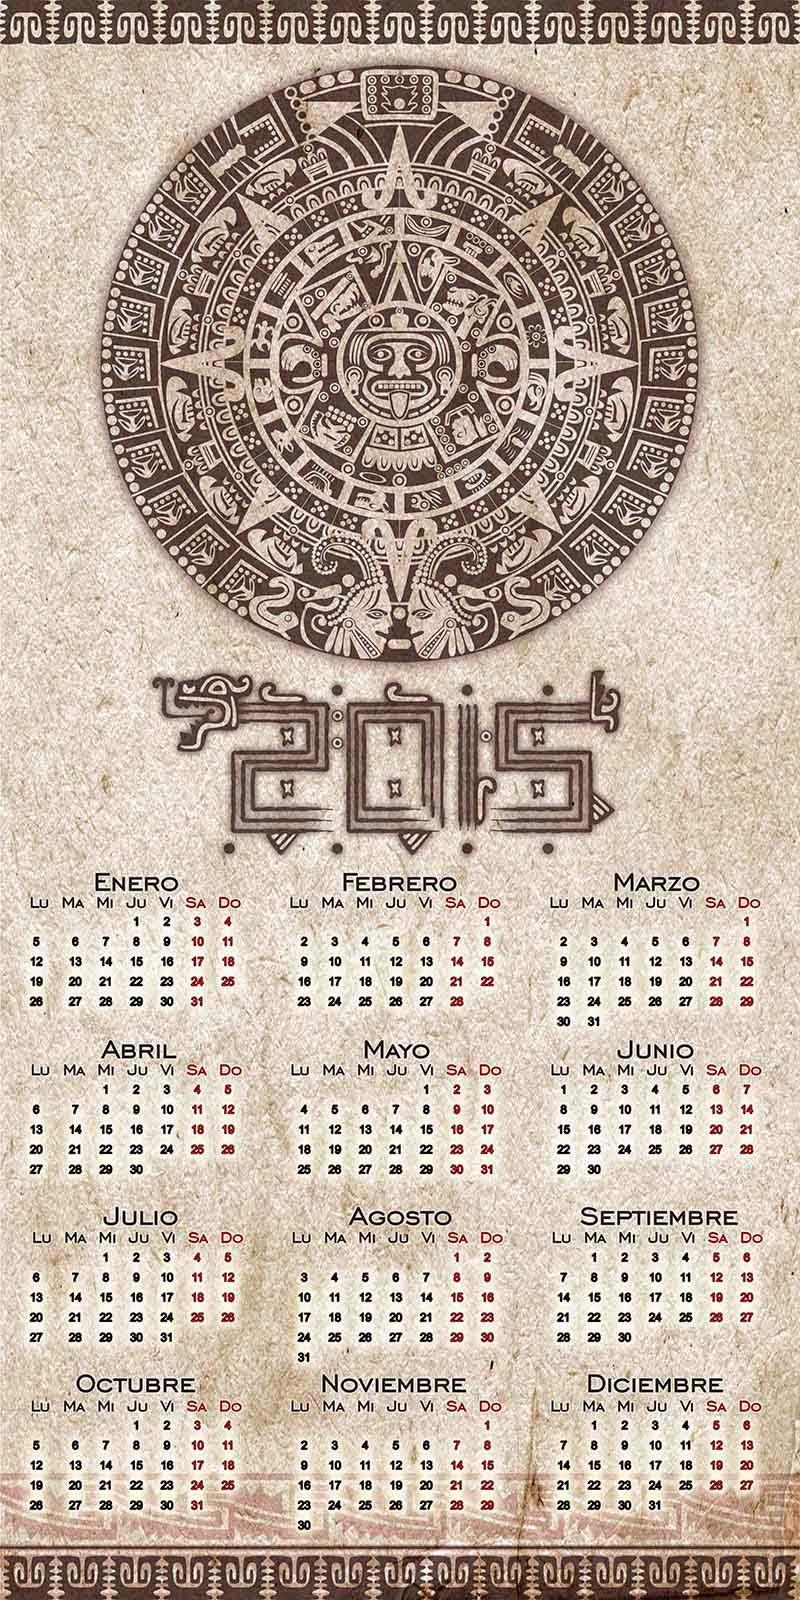 Calendario Azteca sobre pergamino con calendario 2015